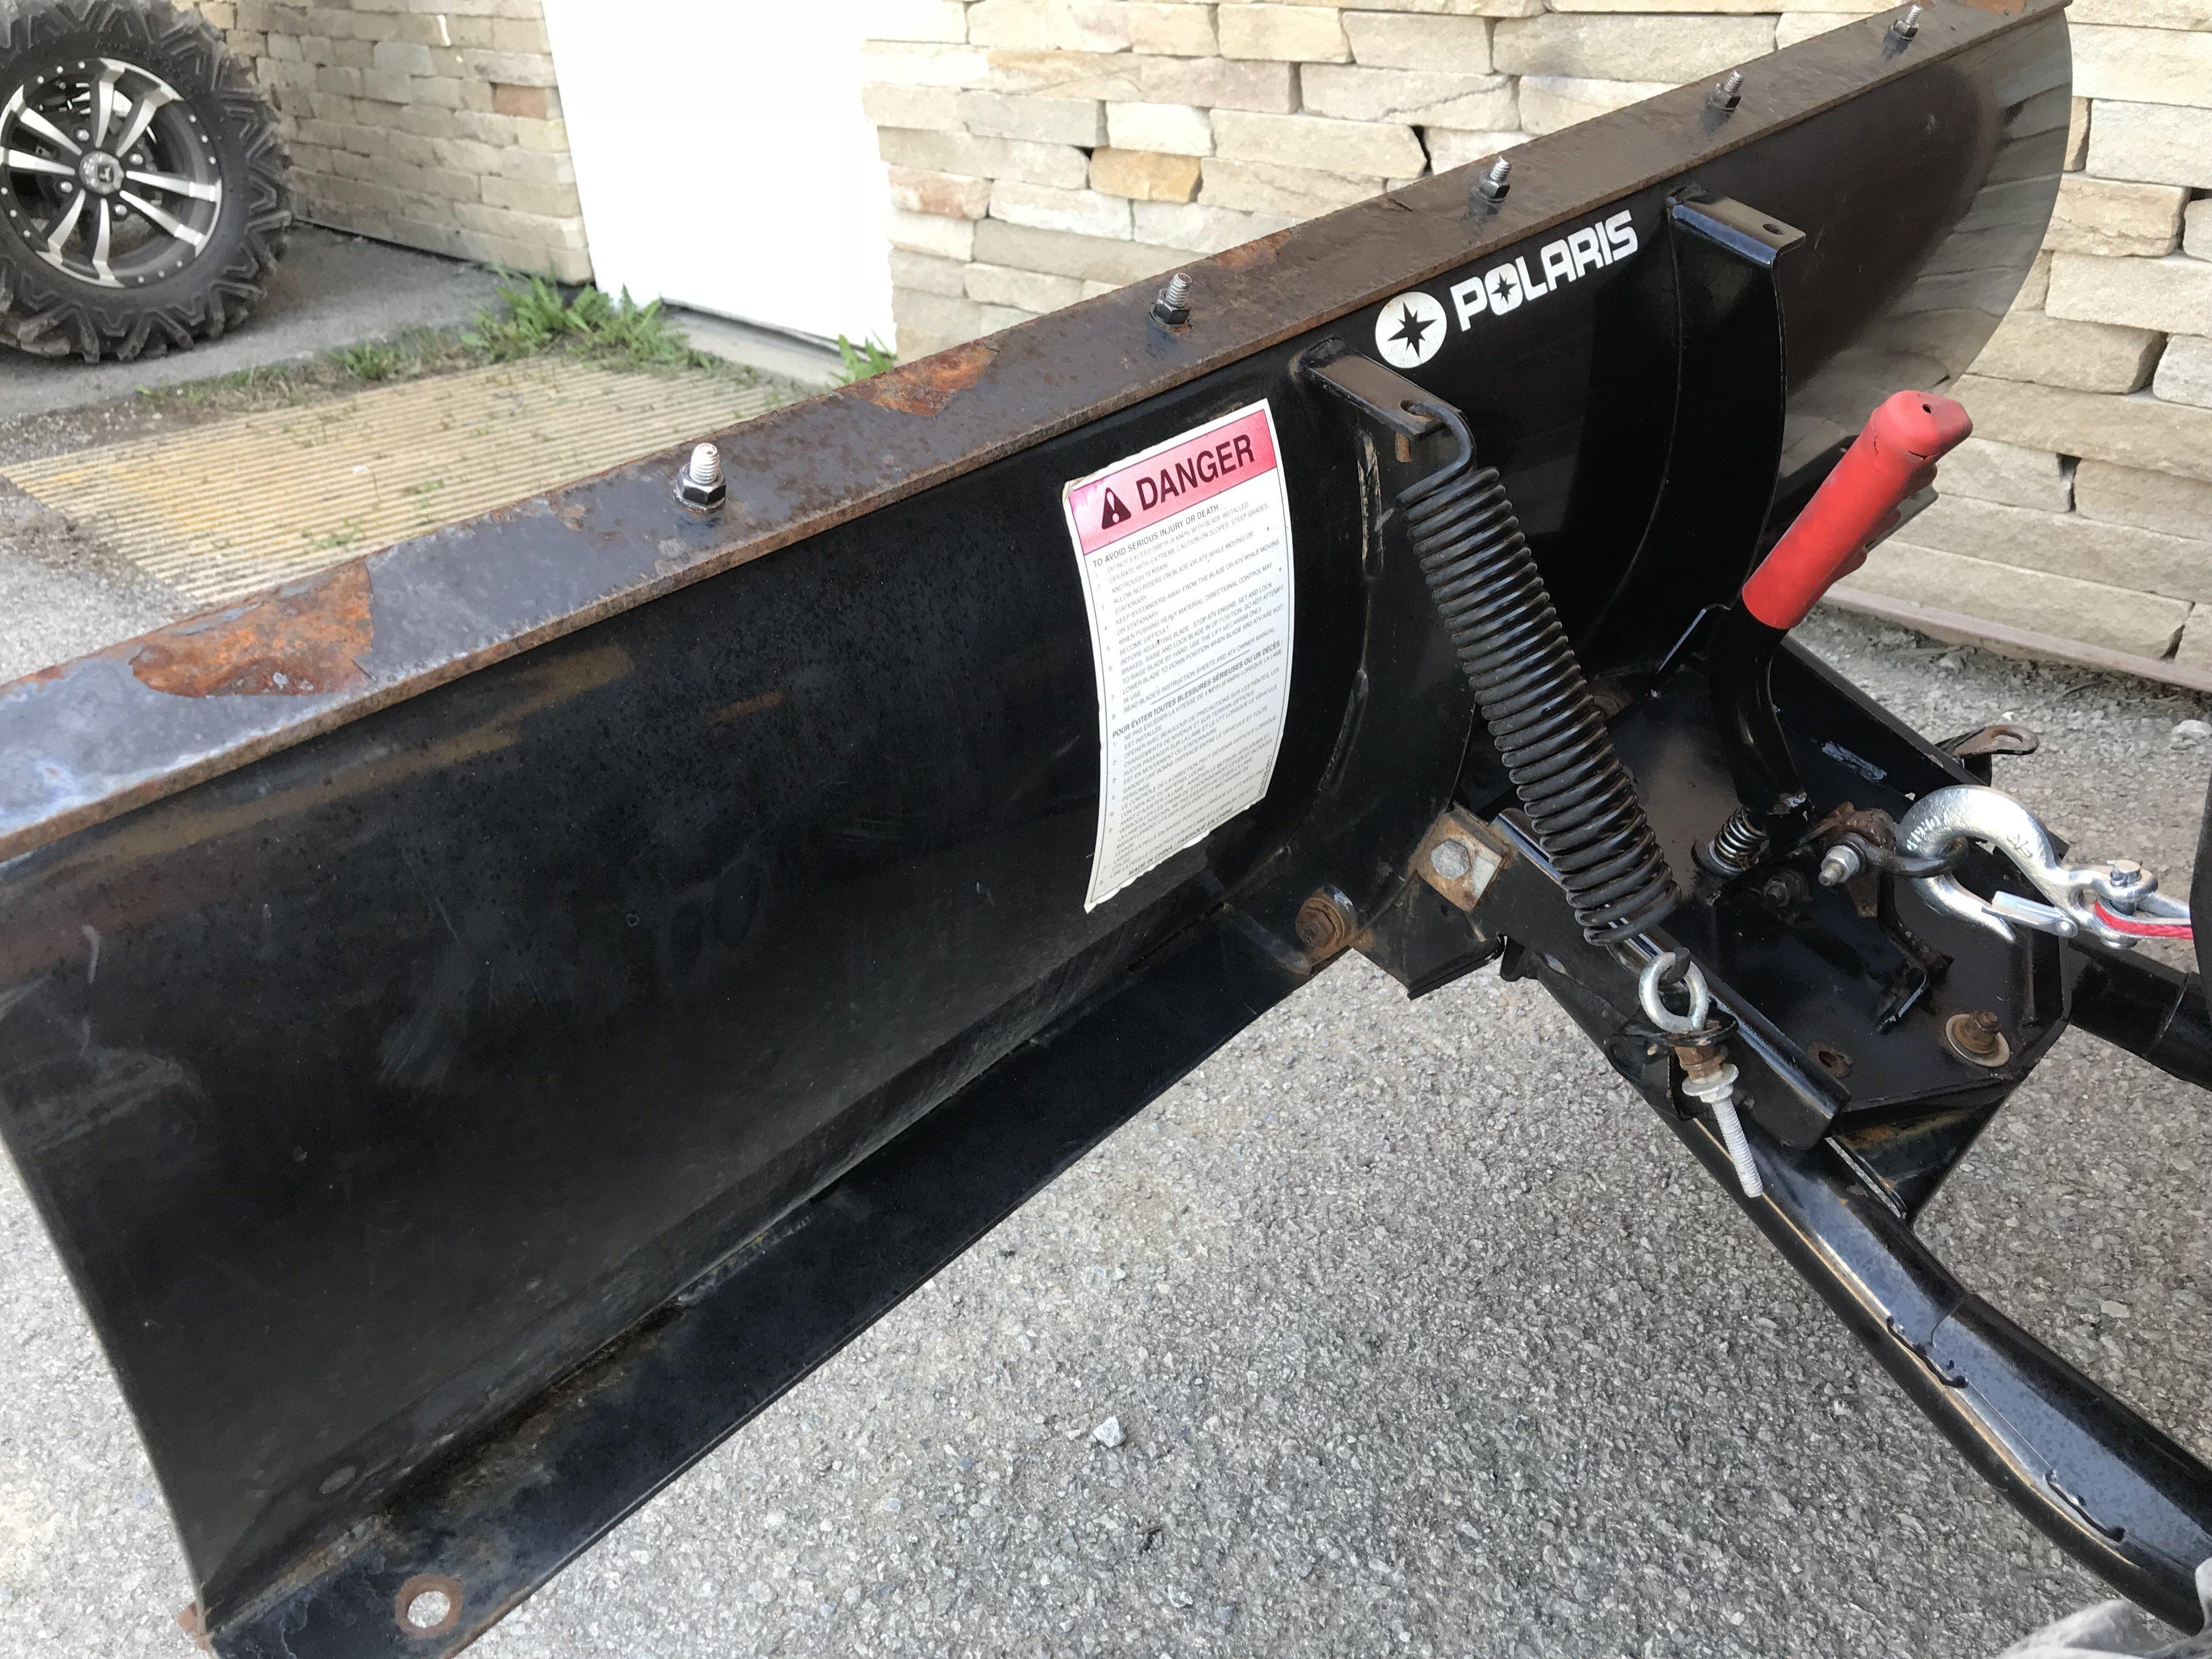 atv utv side by side plow dealer